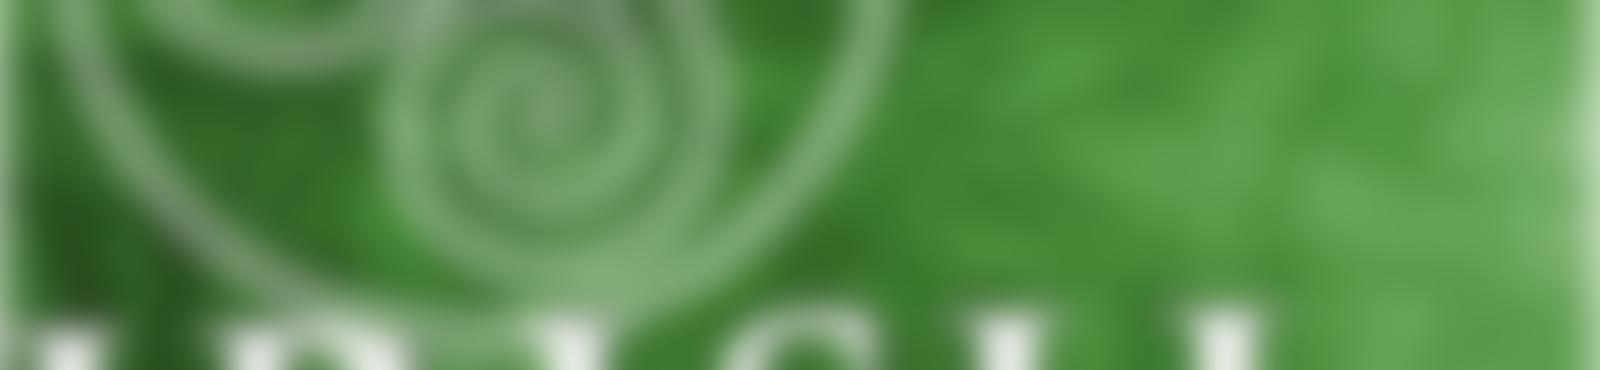 Blurred 863d776e 88d0 4c0b a73e e73e3e79283e